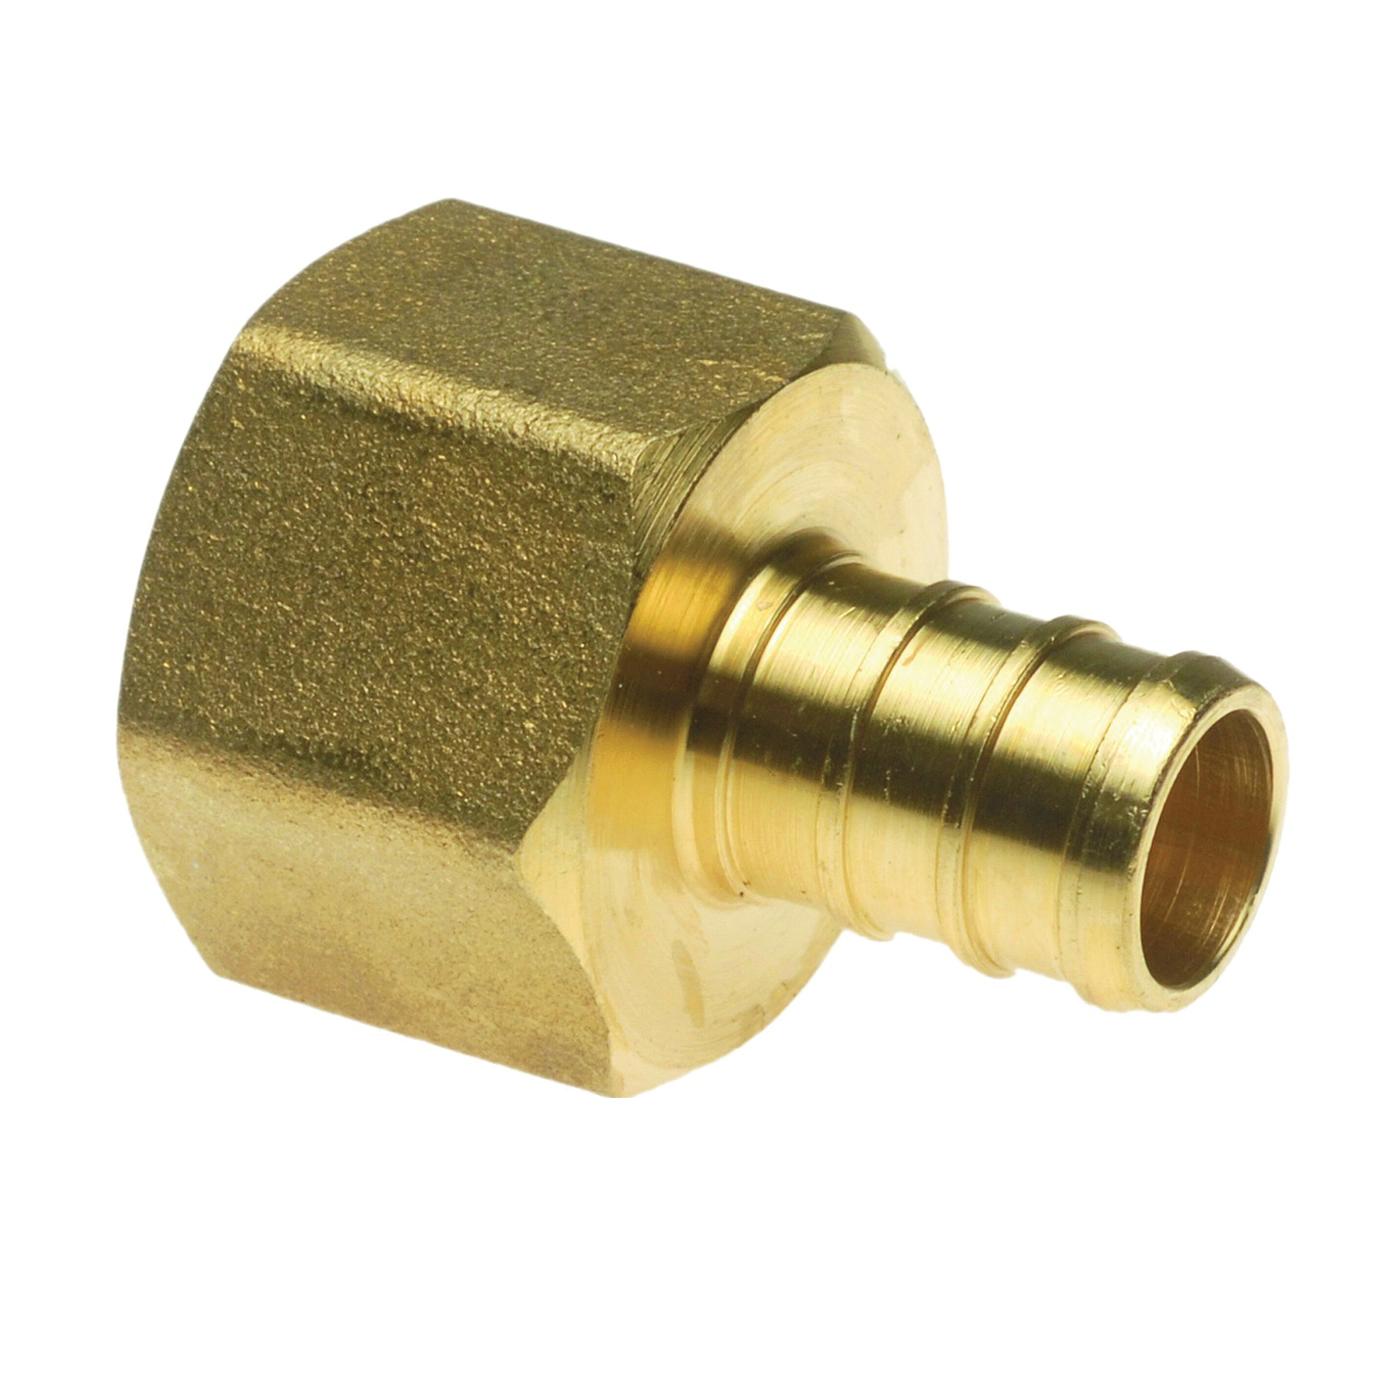 Picture of Apollo APXFA12125PK Pipe Adapter, 1/2 in, PEX x FPT, Brass, 200 psi Pressure